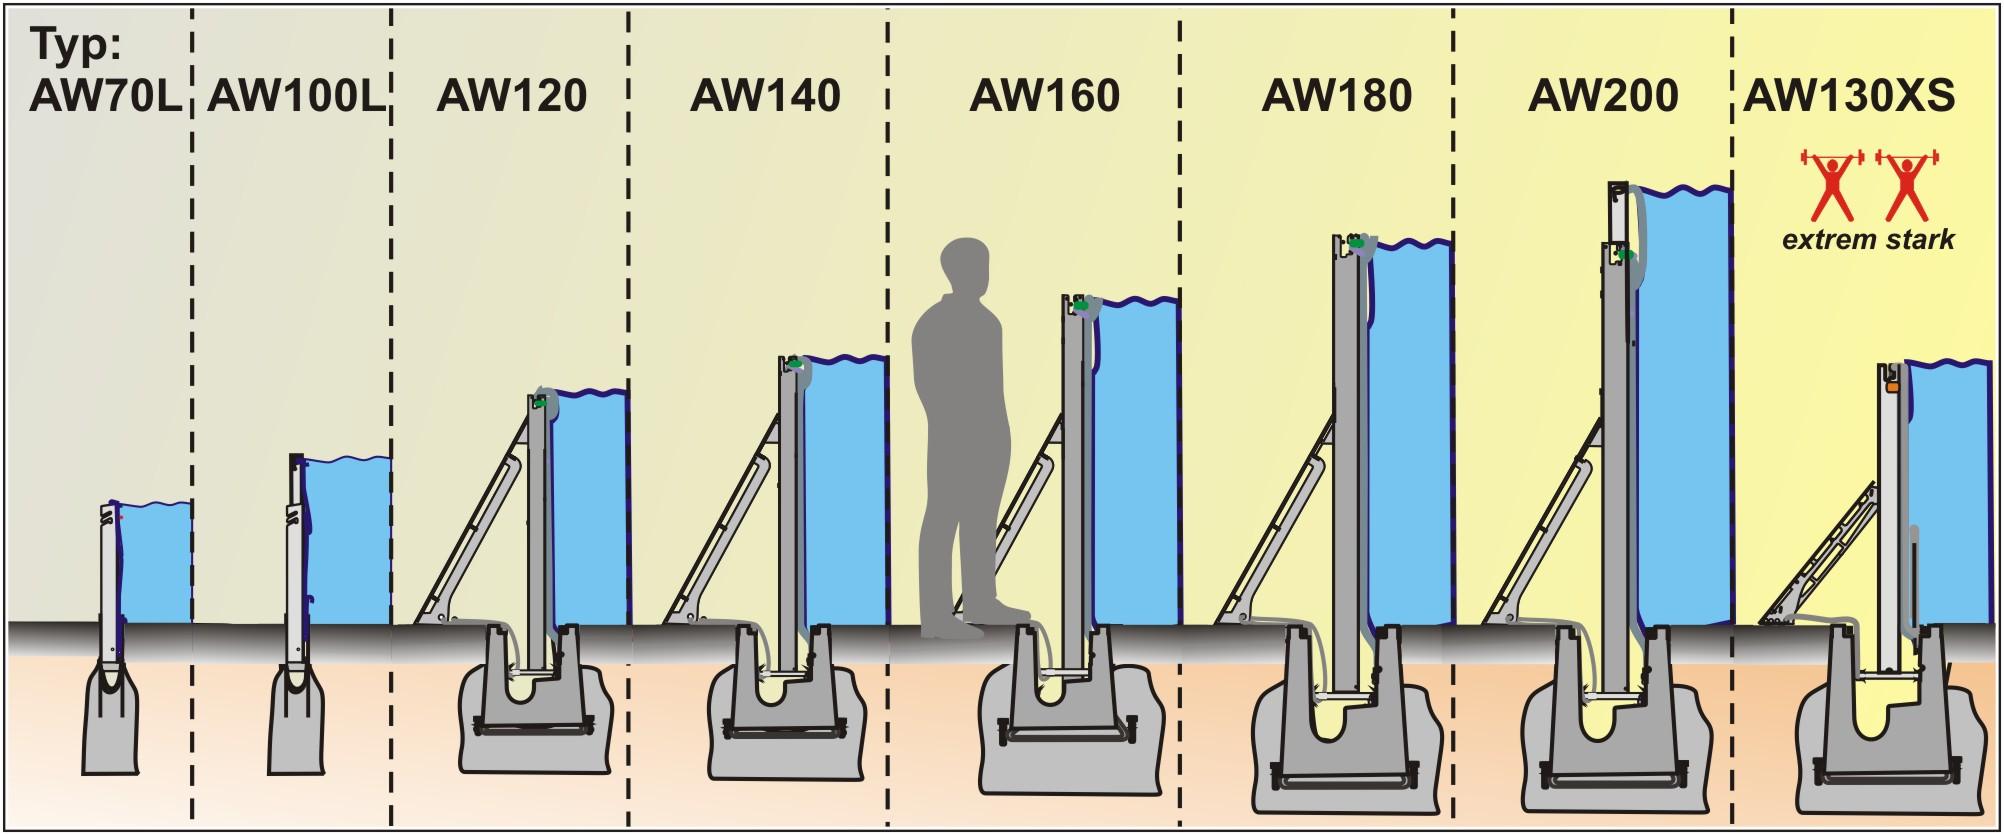 verschiedene Höhen und Typen der AquaWand Hochwasserschutzbarrieren